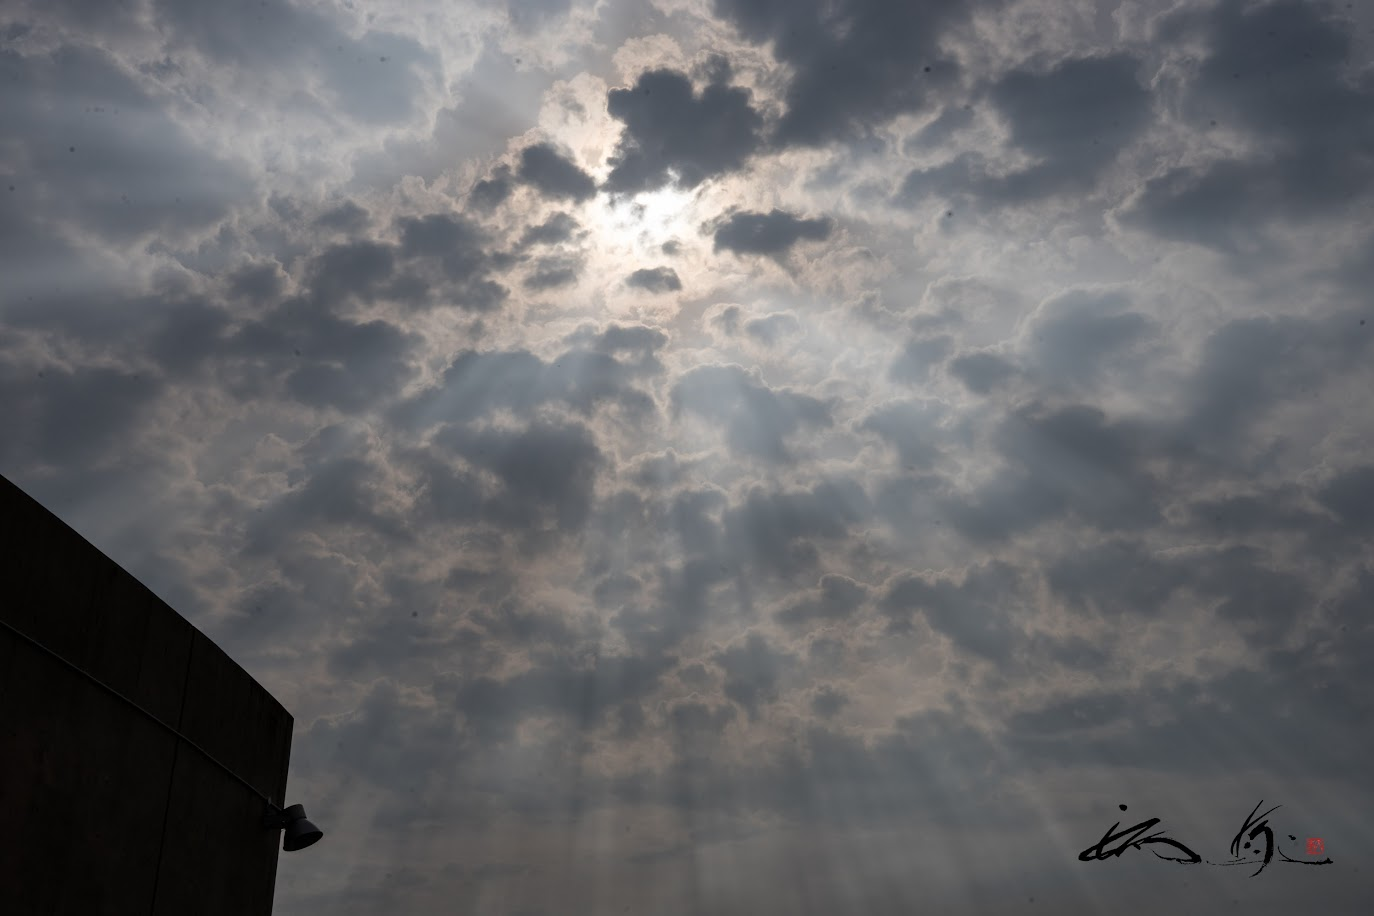 見上げた空に、突如出現した「天空から注がれた光線」